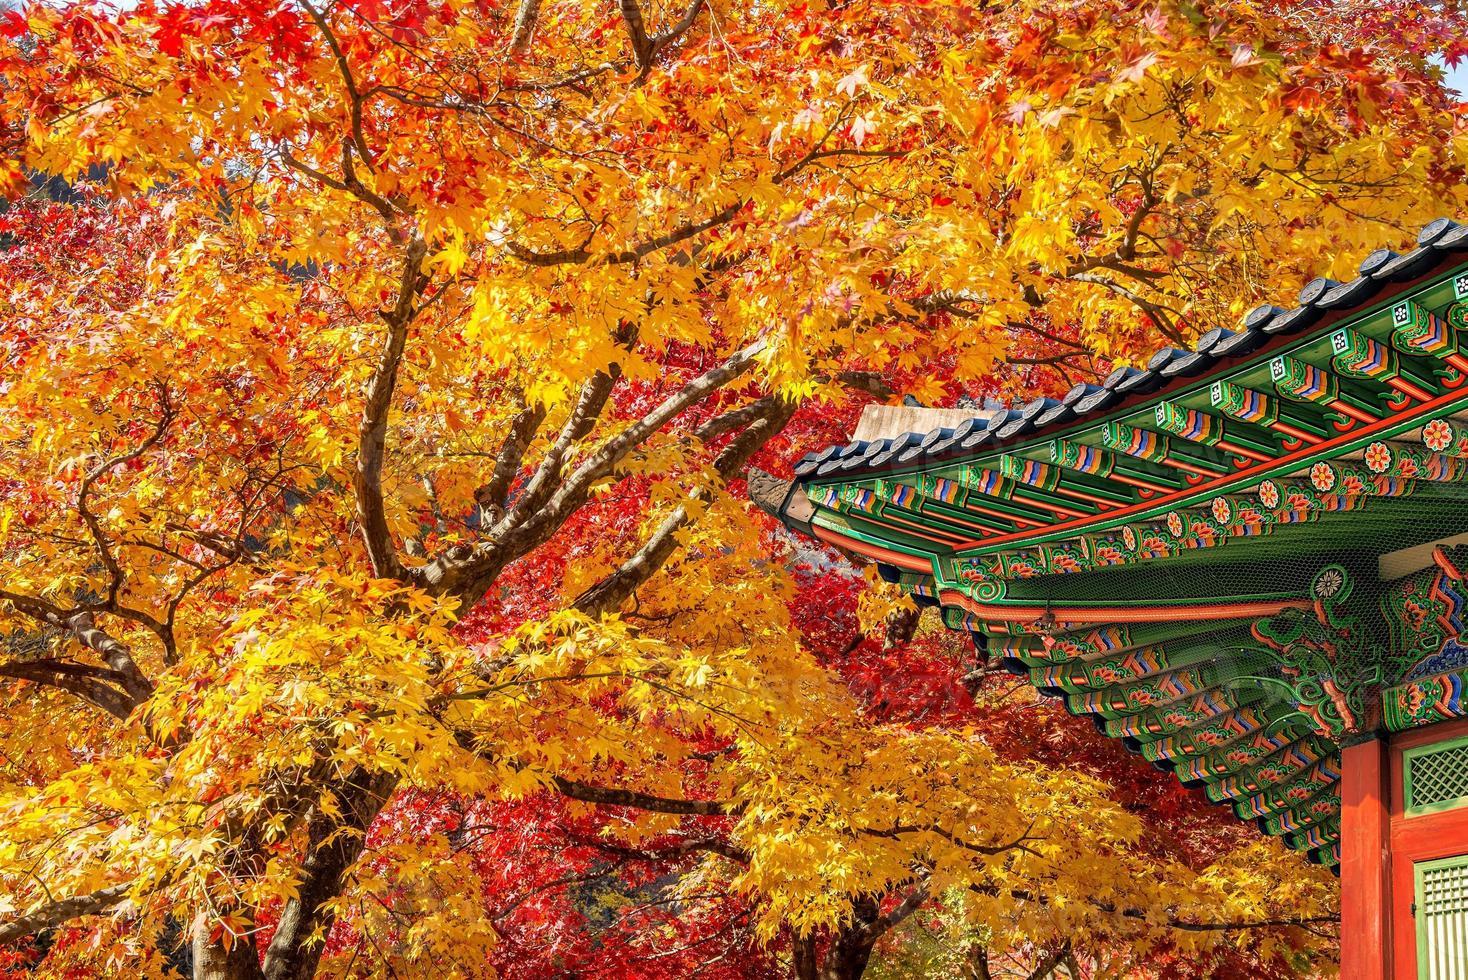 techo de gyeongbukgung y arce en otoño en Corea. foto